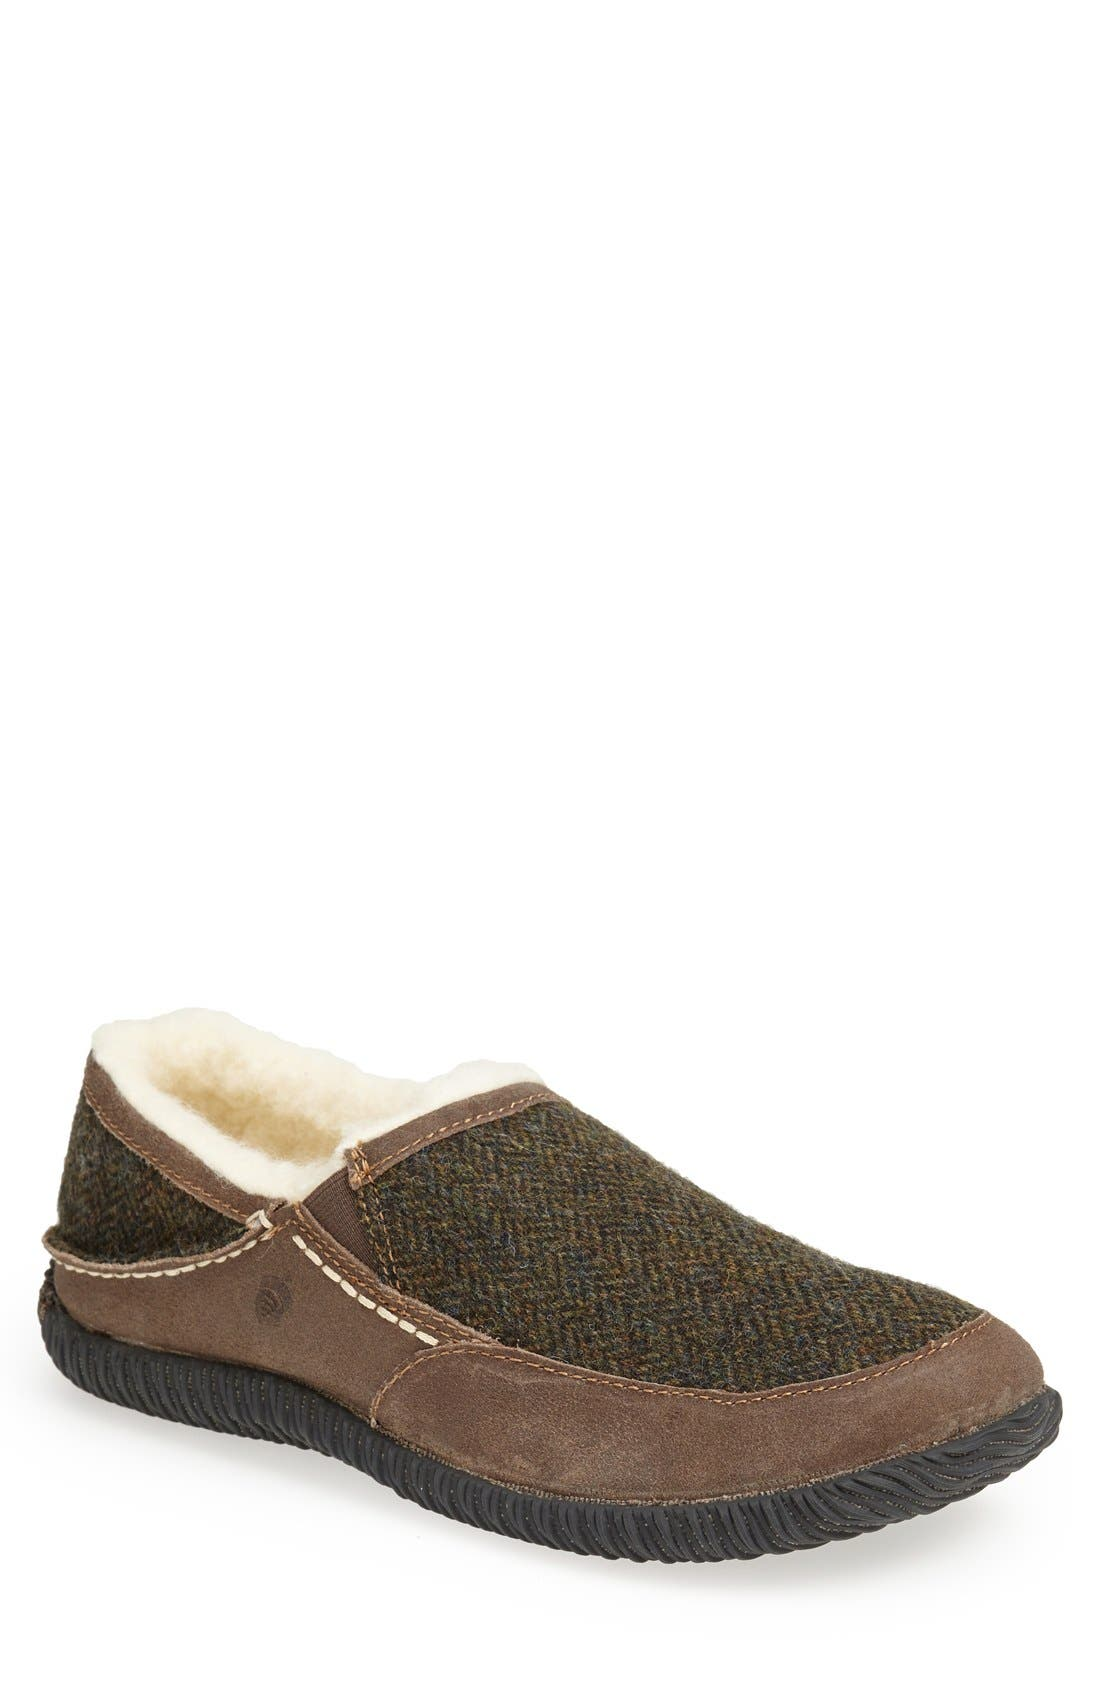 ACORN 'Rambler' Moc Toe Slipper, Main, color, OLIVE TWEED